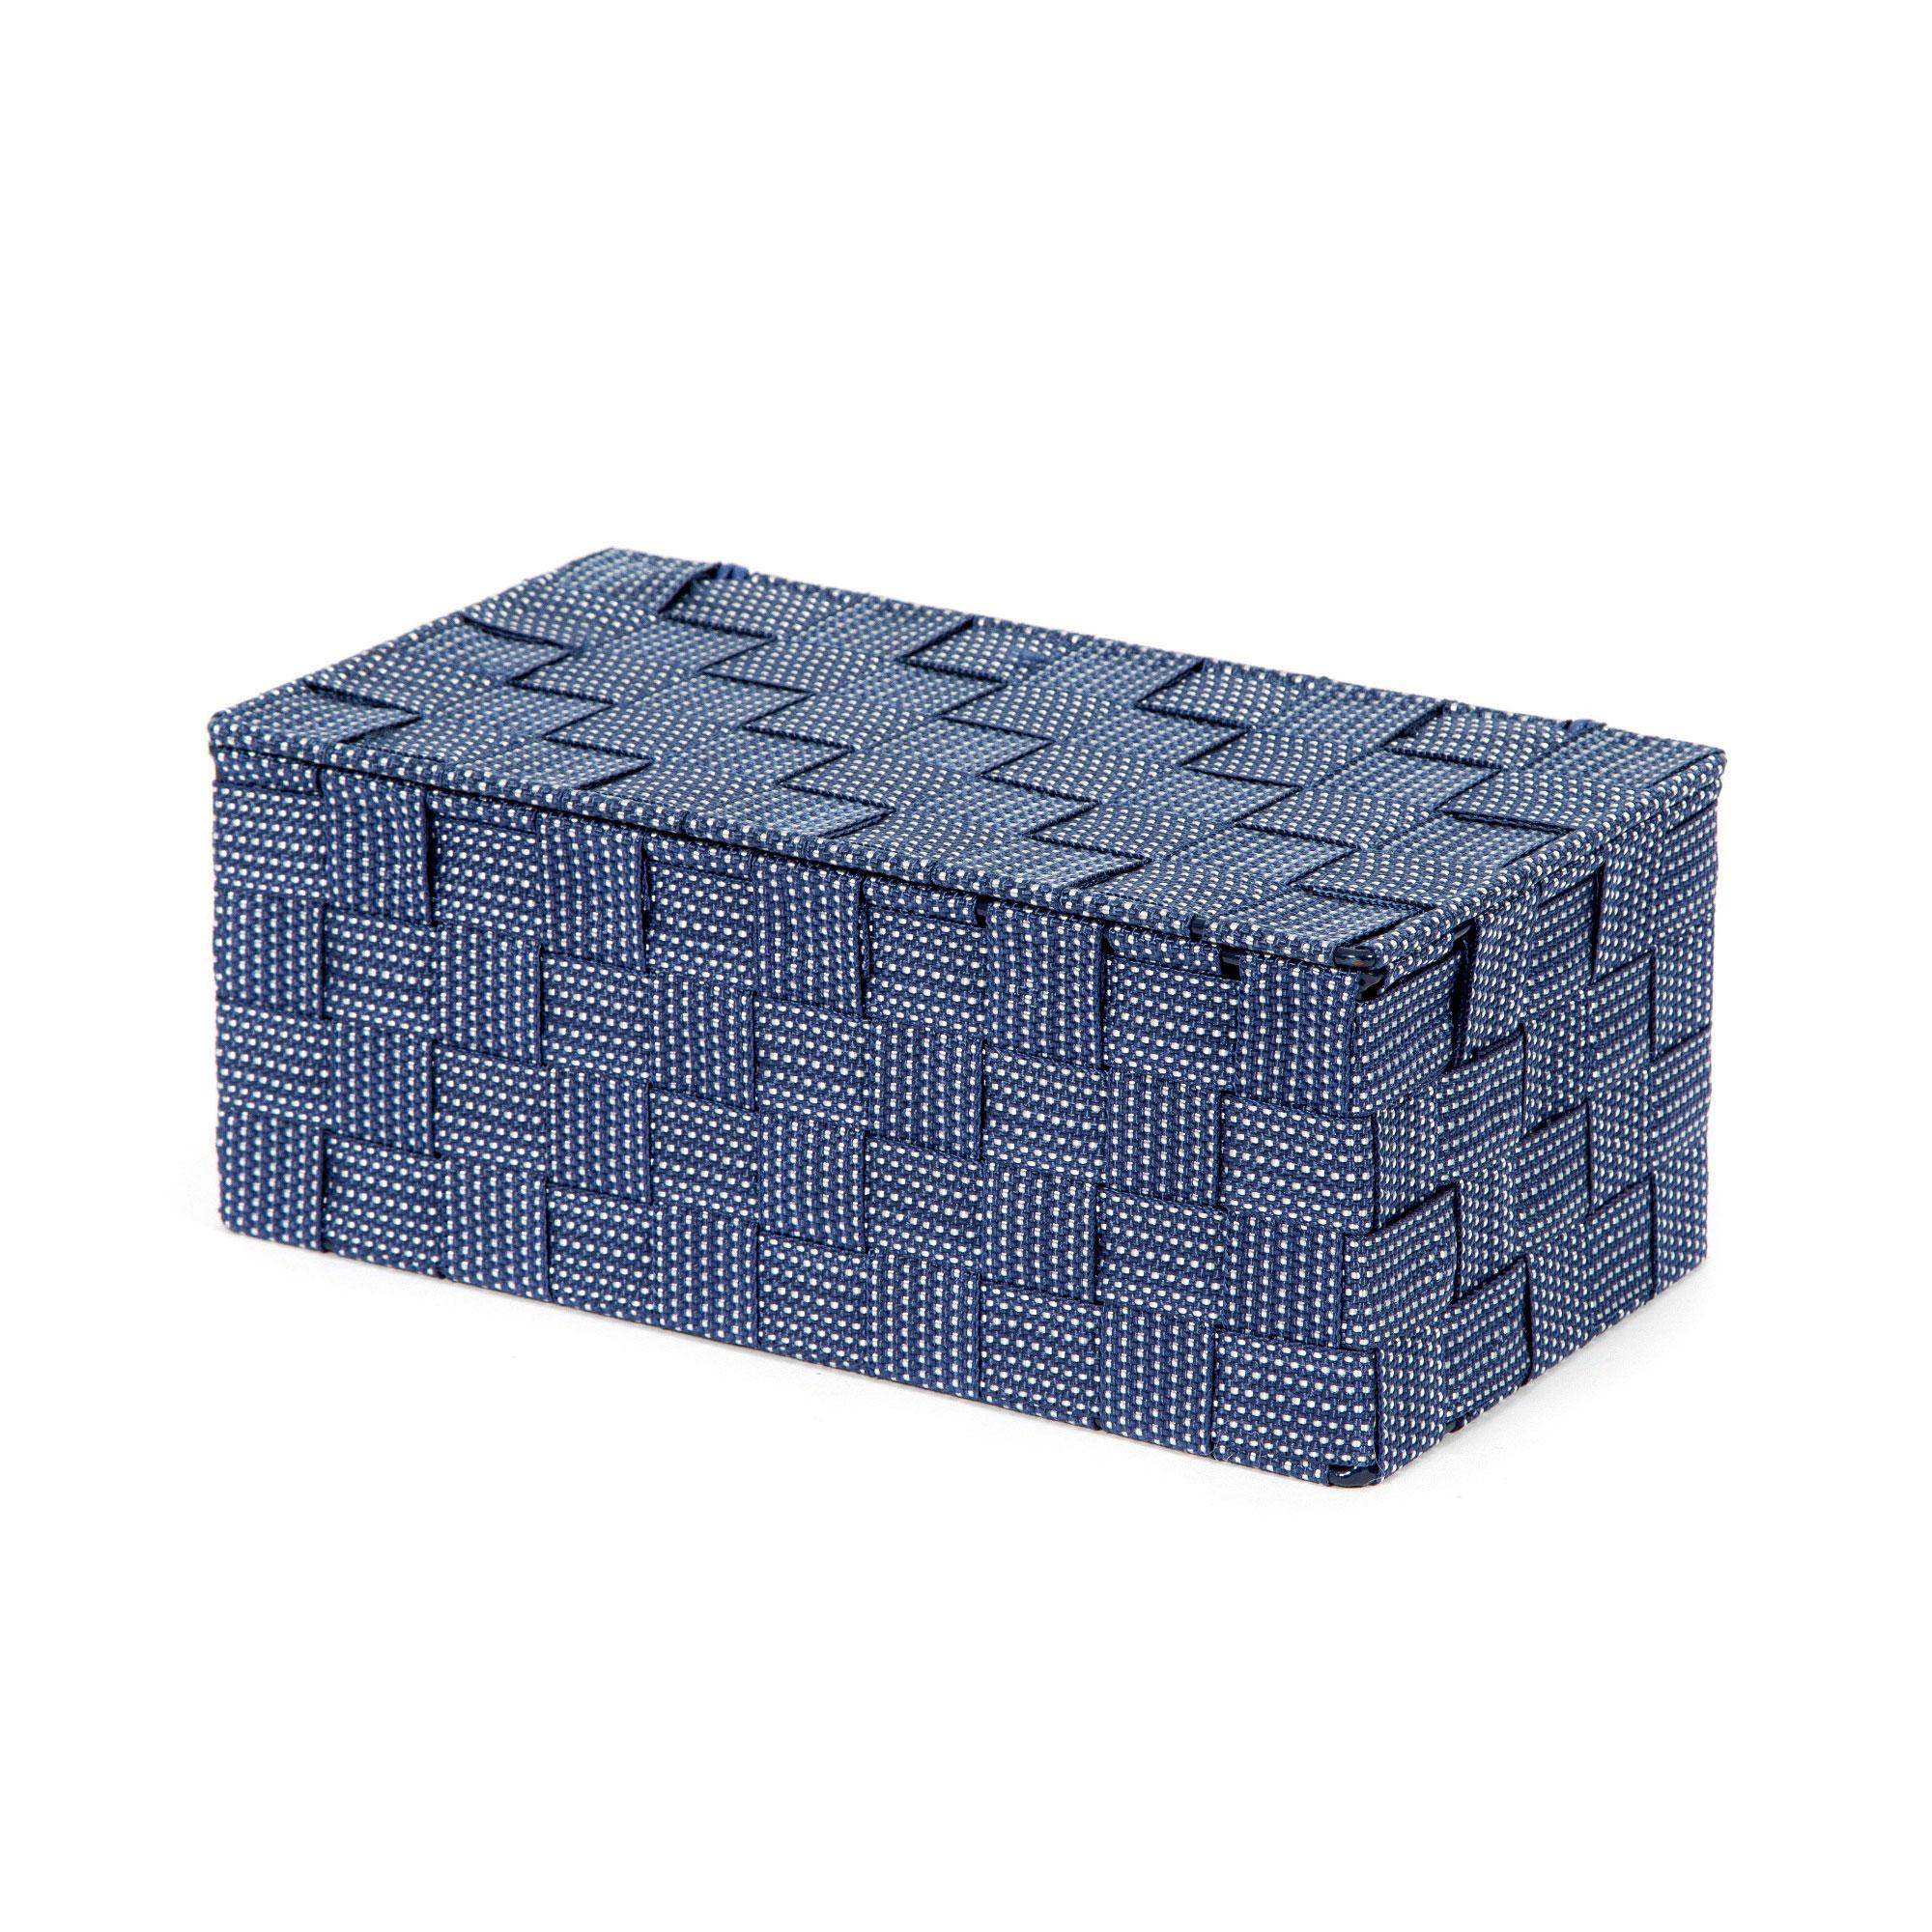 Boîte de rangement bleue en sangles tressées 27x15cm